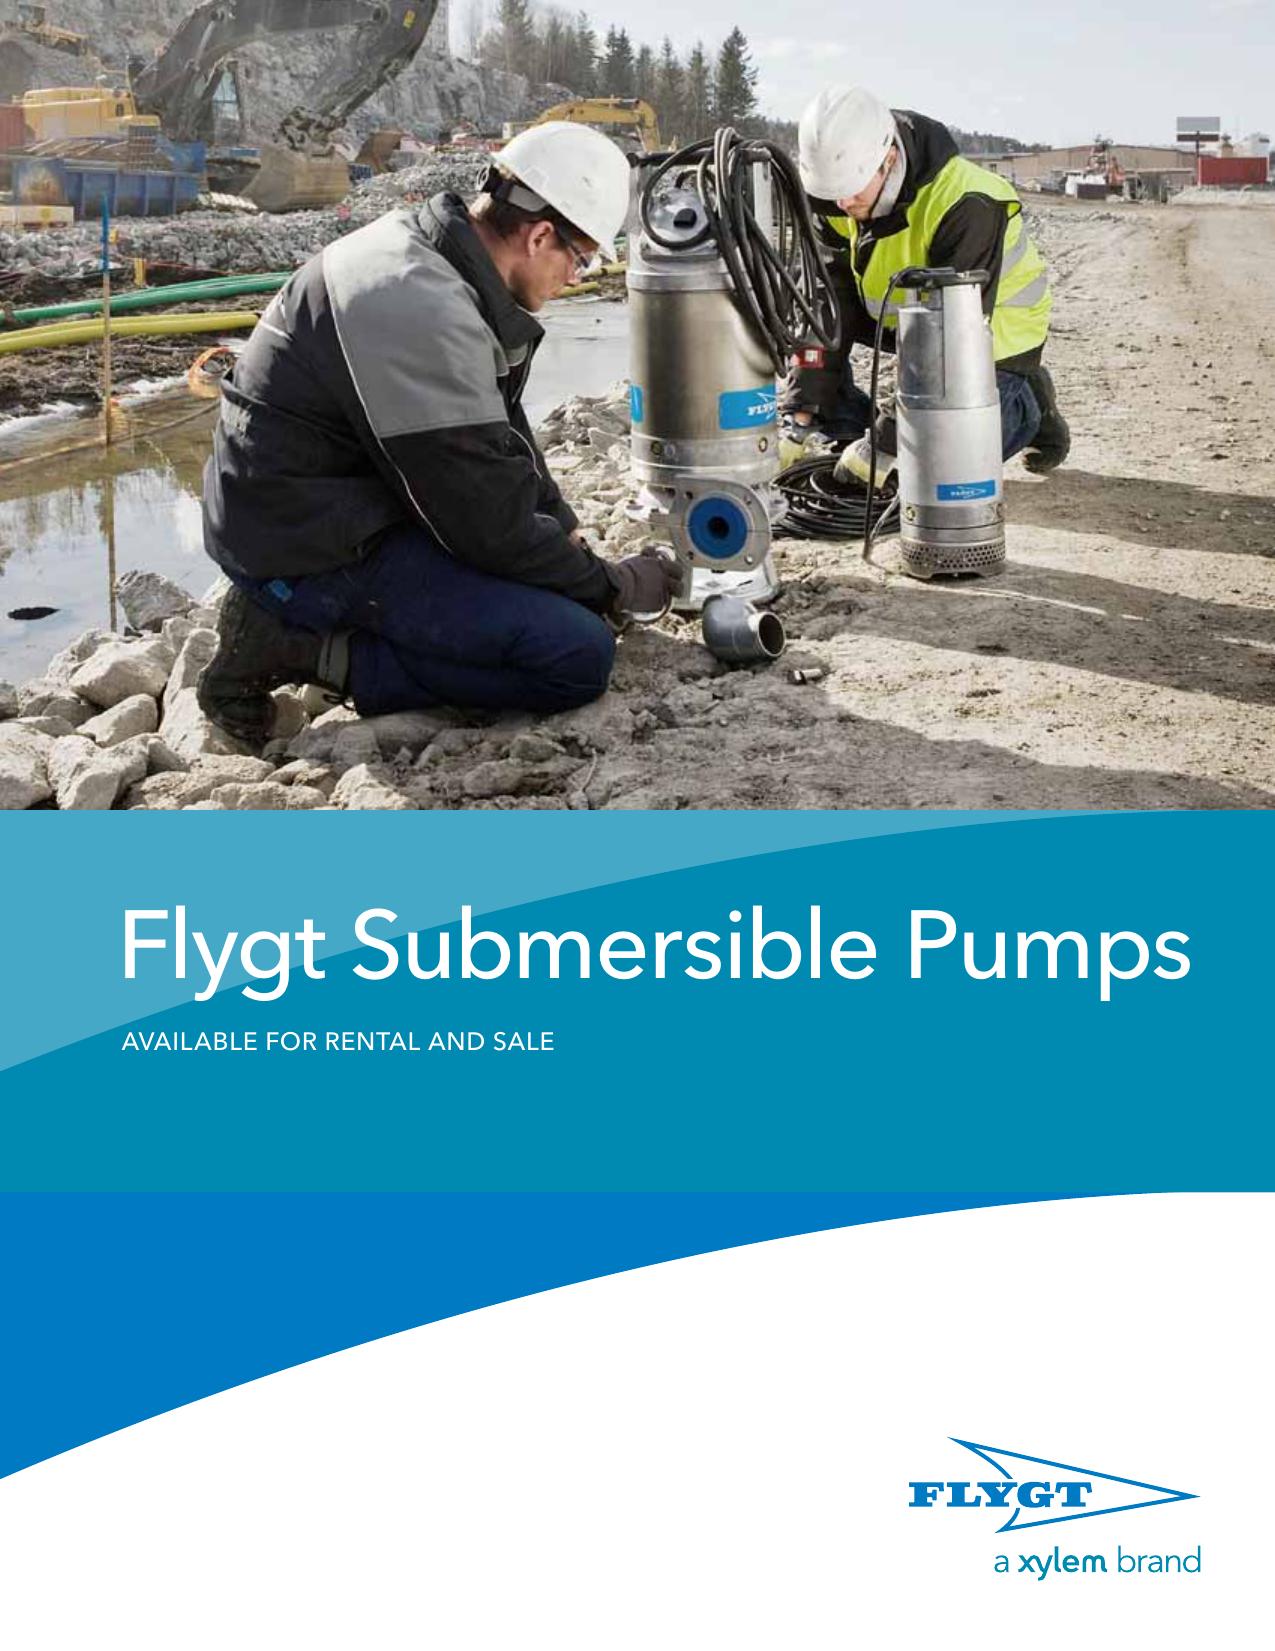 Flygt Submersible Pumps Pump Wiring Diagram 018243248 1 9519dd4ca826d41b2077a617855b76a9